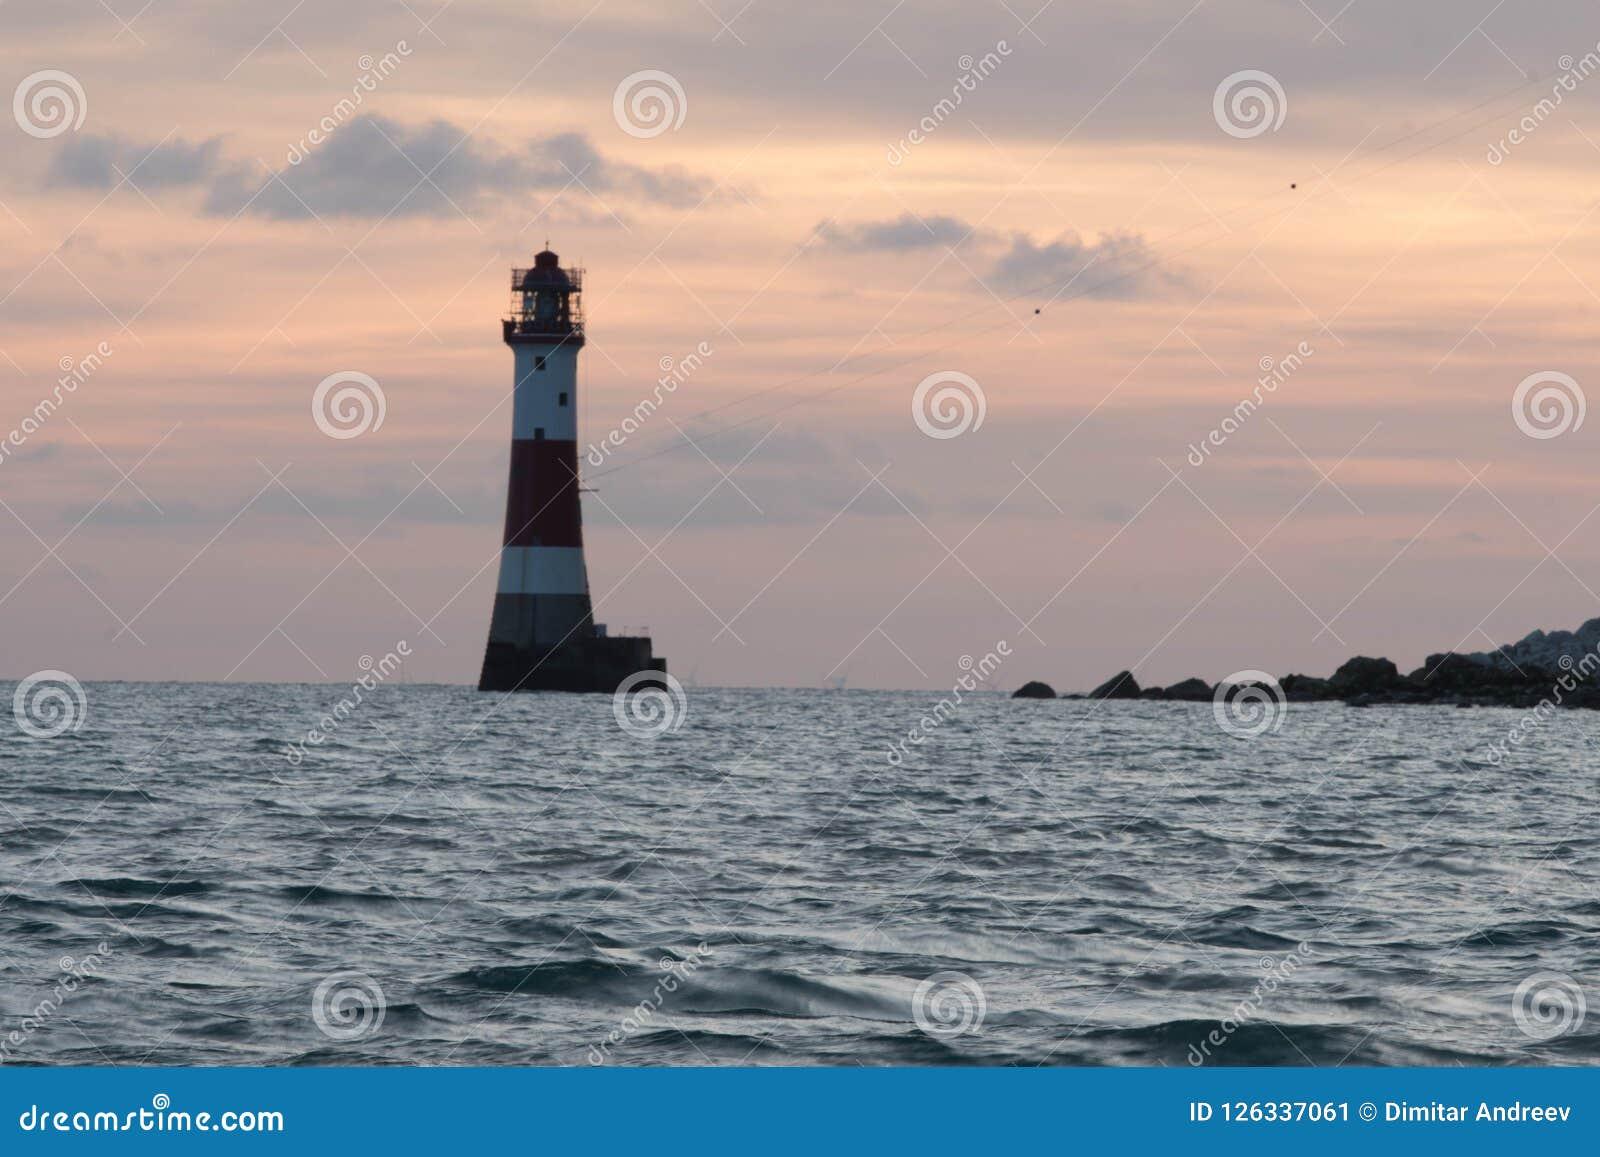 19/09/2018 Eastbourne, het Verenigd Koninkrijk Kiezelachtige Hoofdvuurtoren in het overzees en de zonsondergang op de achtergrond